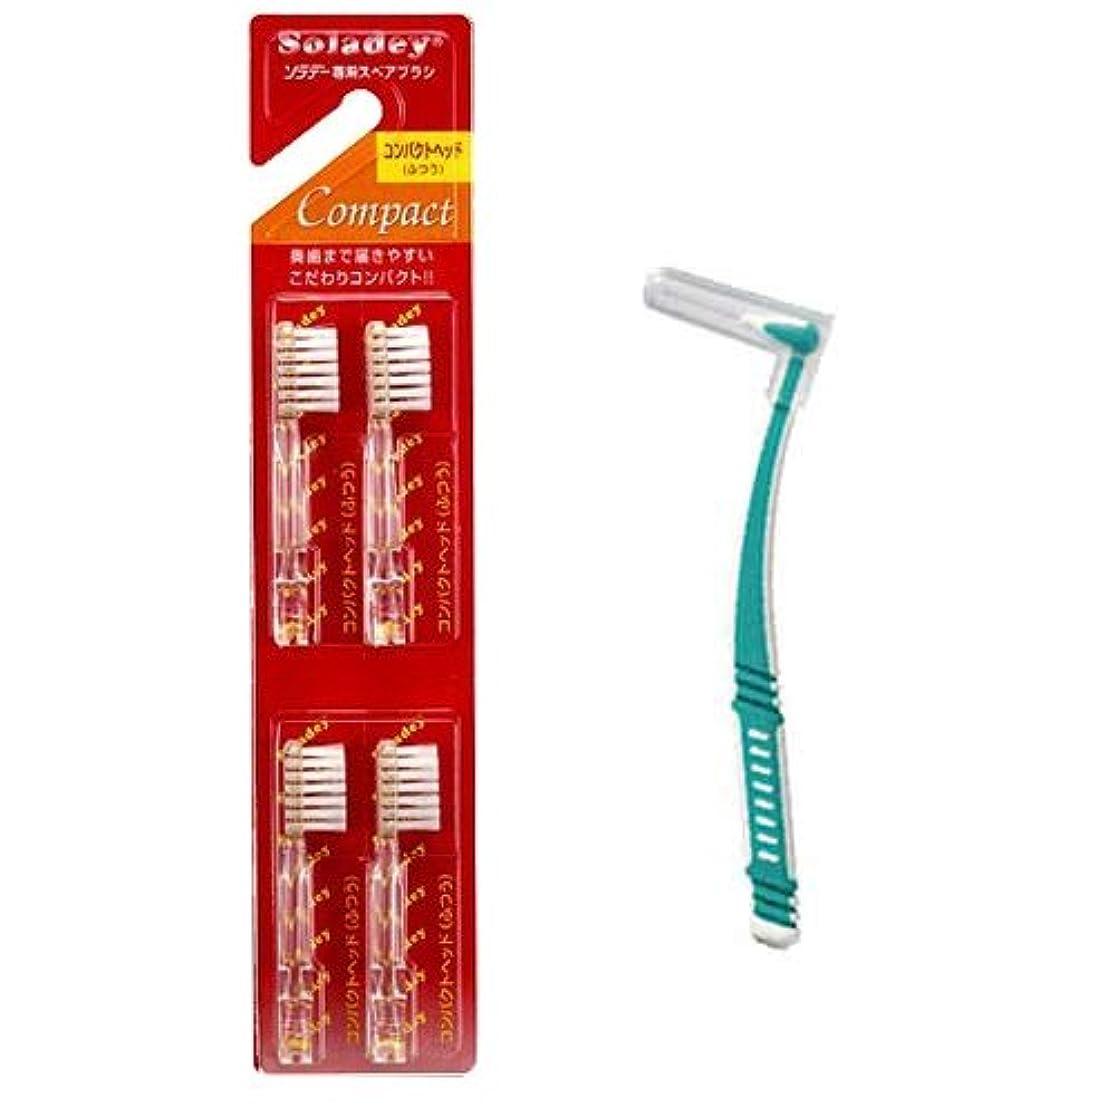 シケン ソラデー専用スペアブラシ コンパクトヘッド(ふつう) + L字歯間ブラシ セット